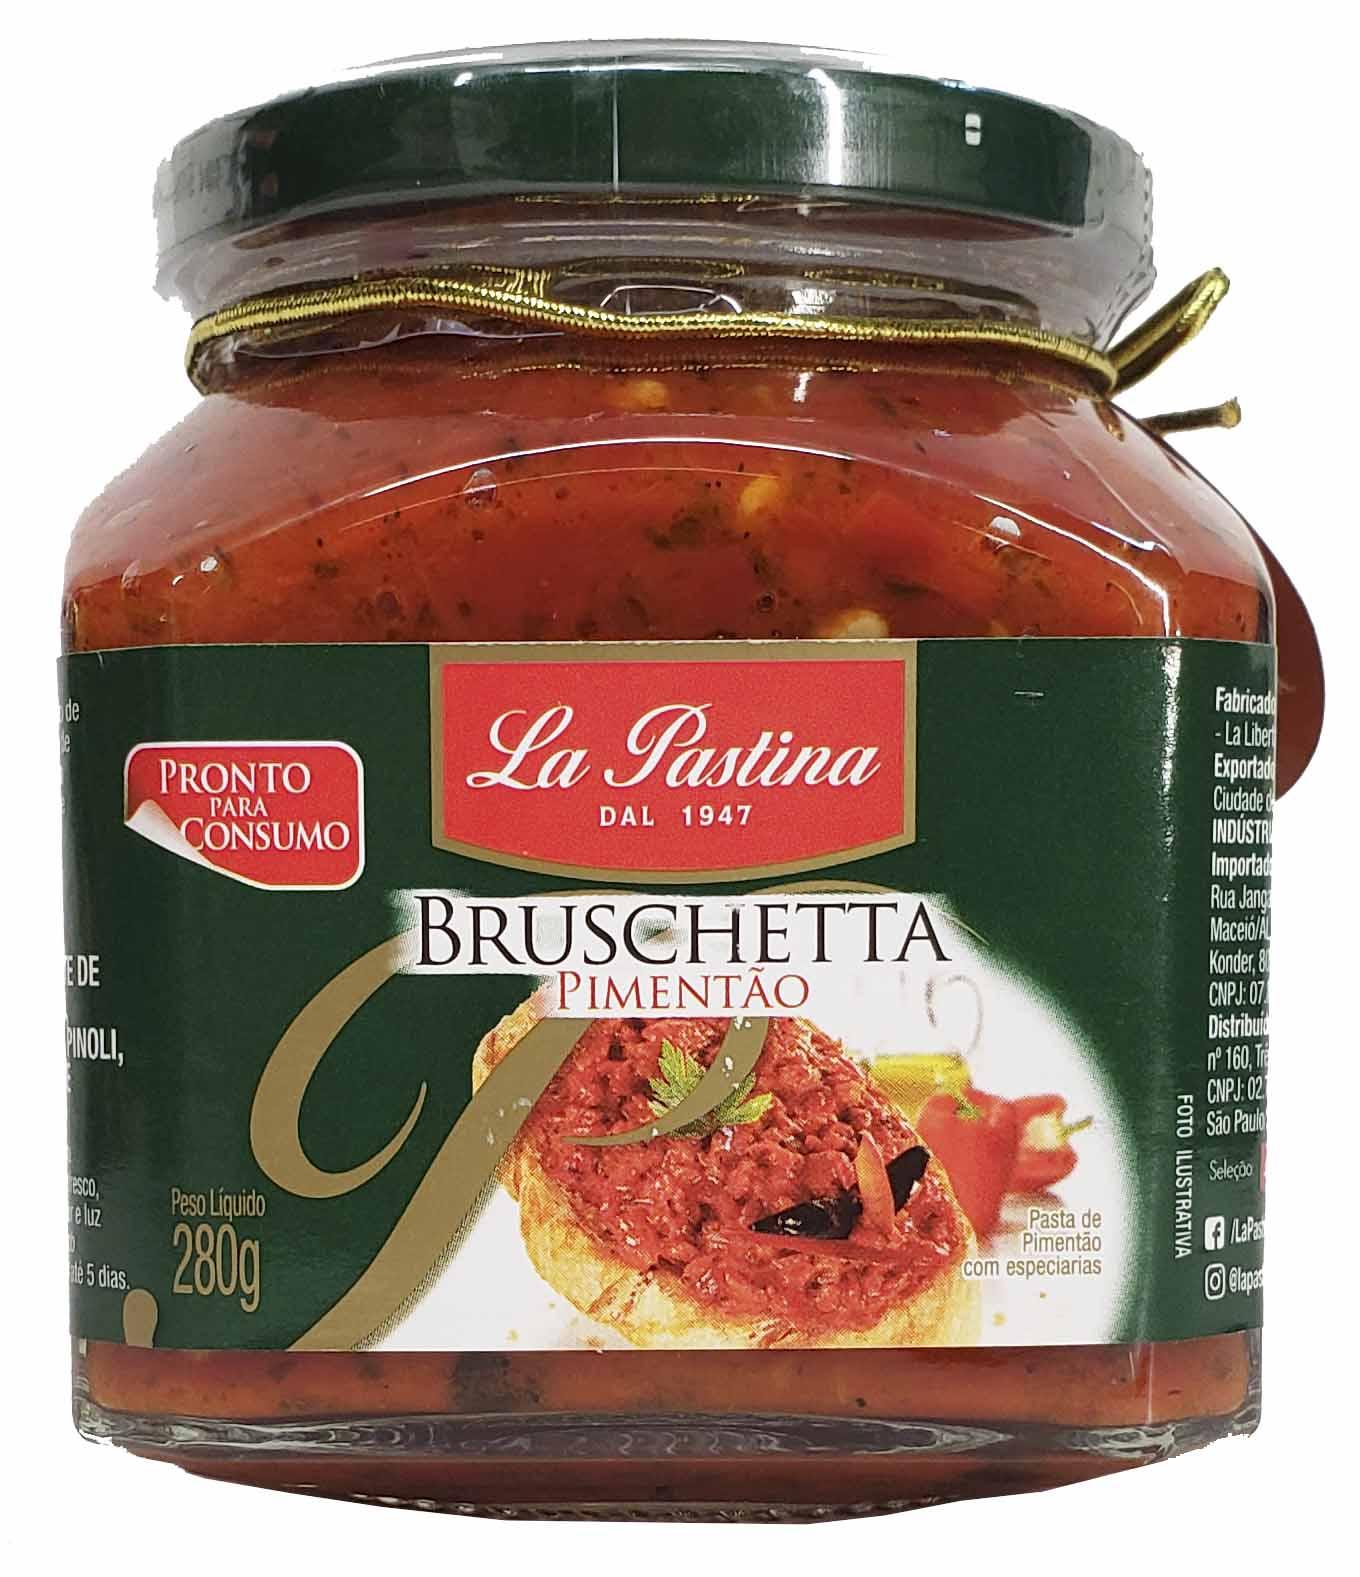 Bruschetta Pimentão La Pastina - 280g -